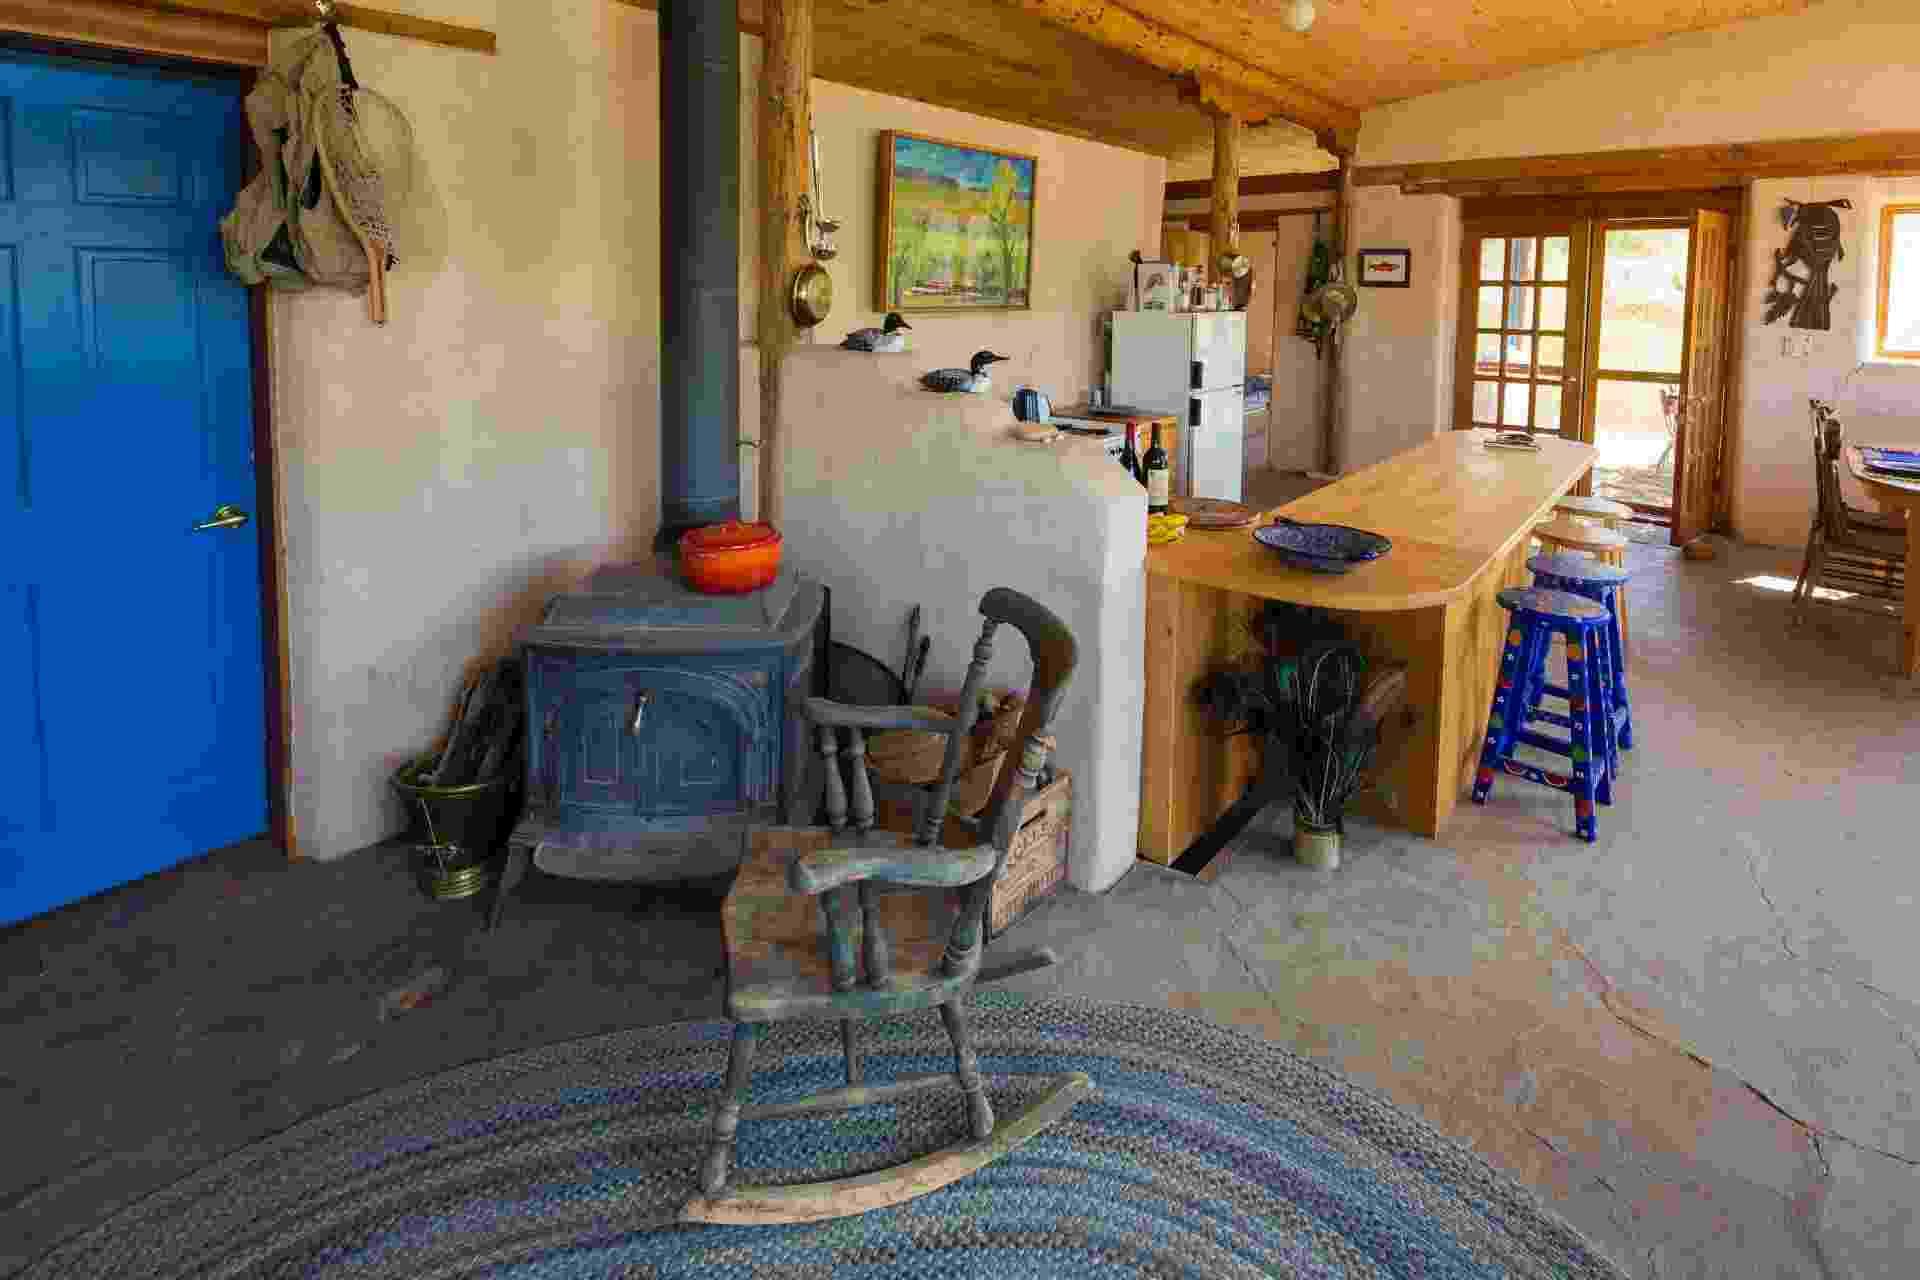 Casa de adobe no Colorado (EUA) - Imagem do NYT, usar apenas no respectivo material - John Burcham/ The New York Times